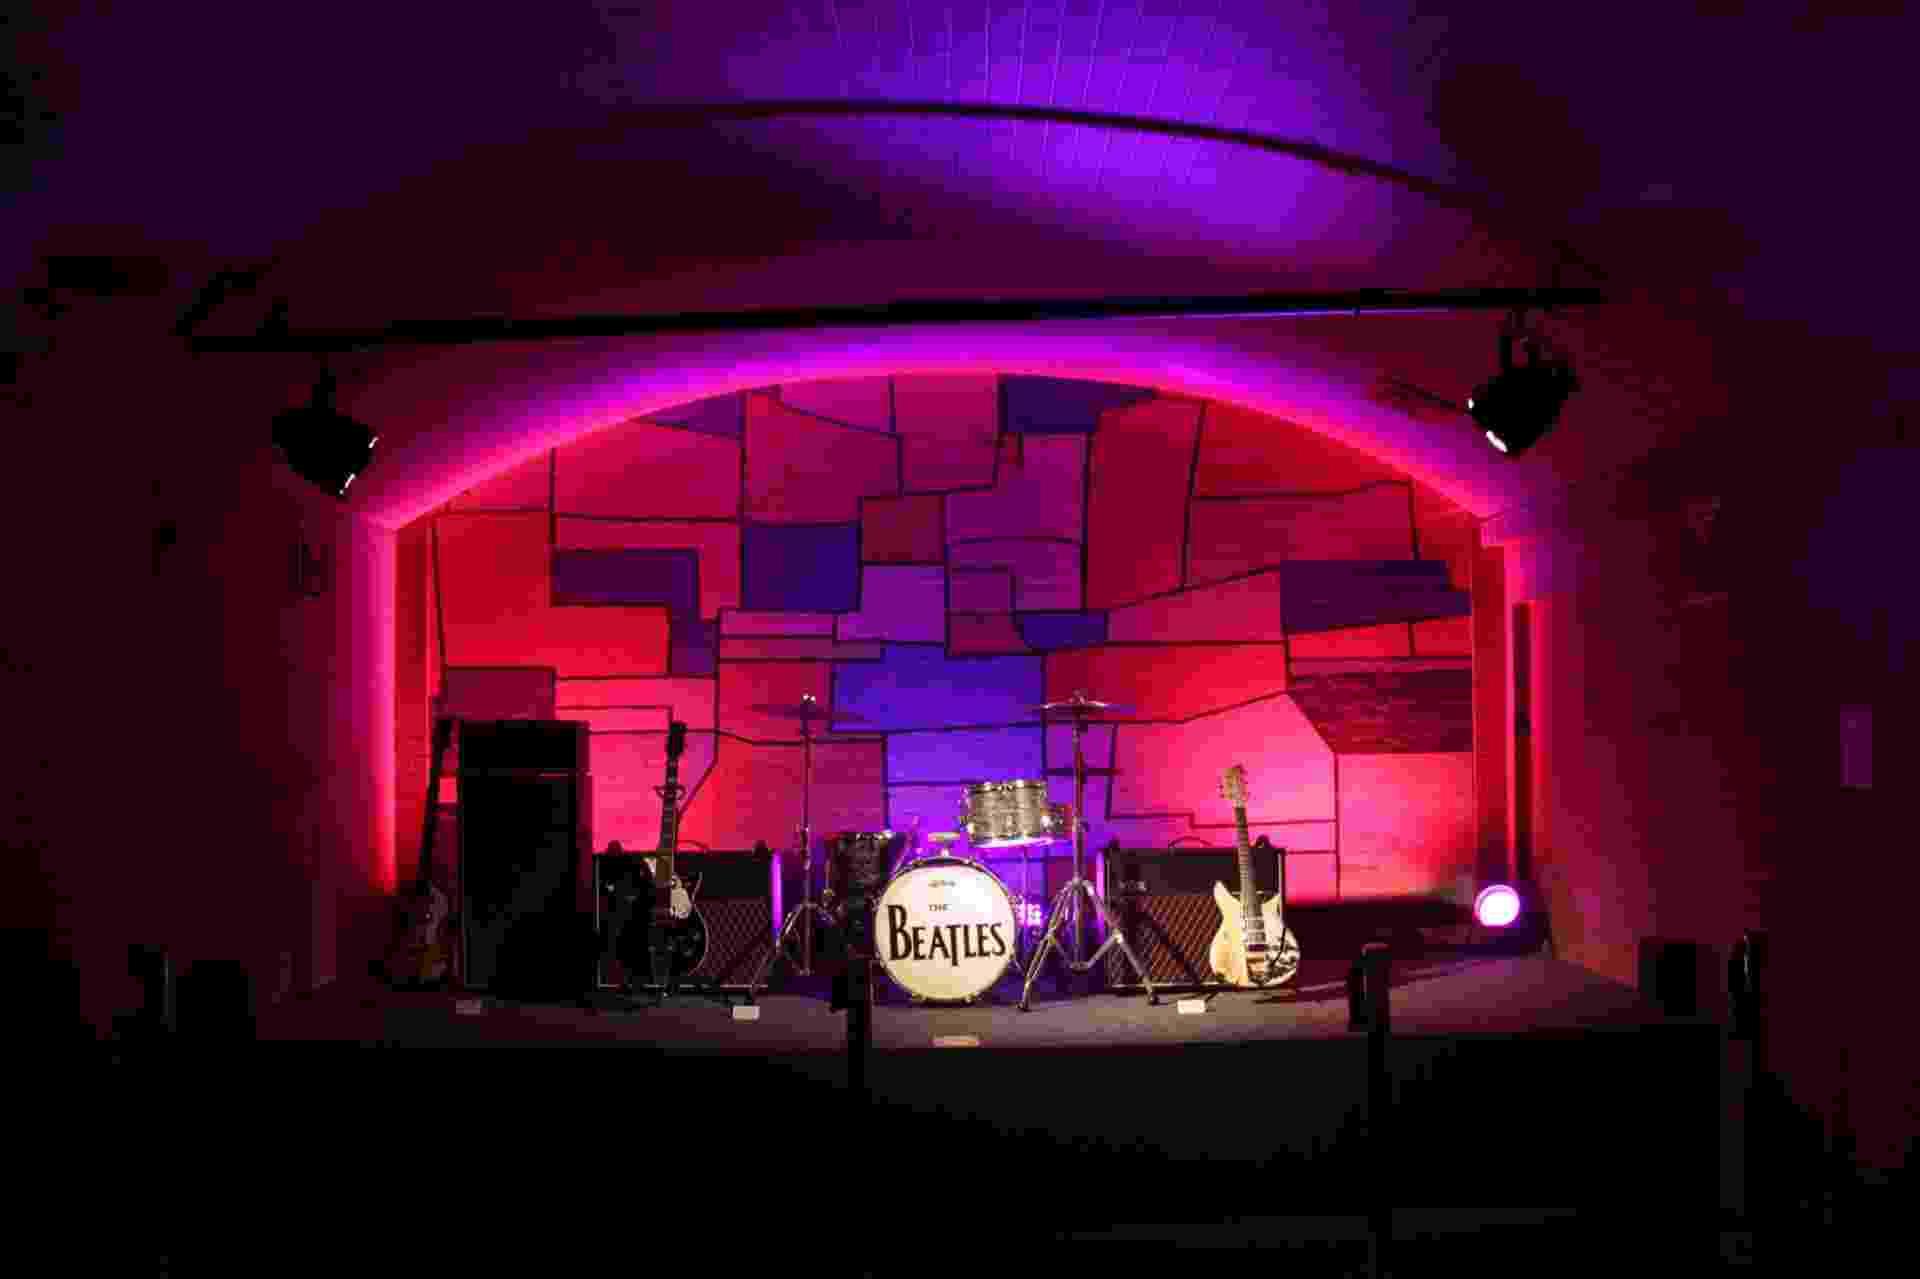 Cenário recria o Cavern Club, palco das primeiras apresentações dos Beatles, em Liverpool - Divulgação